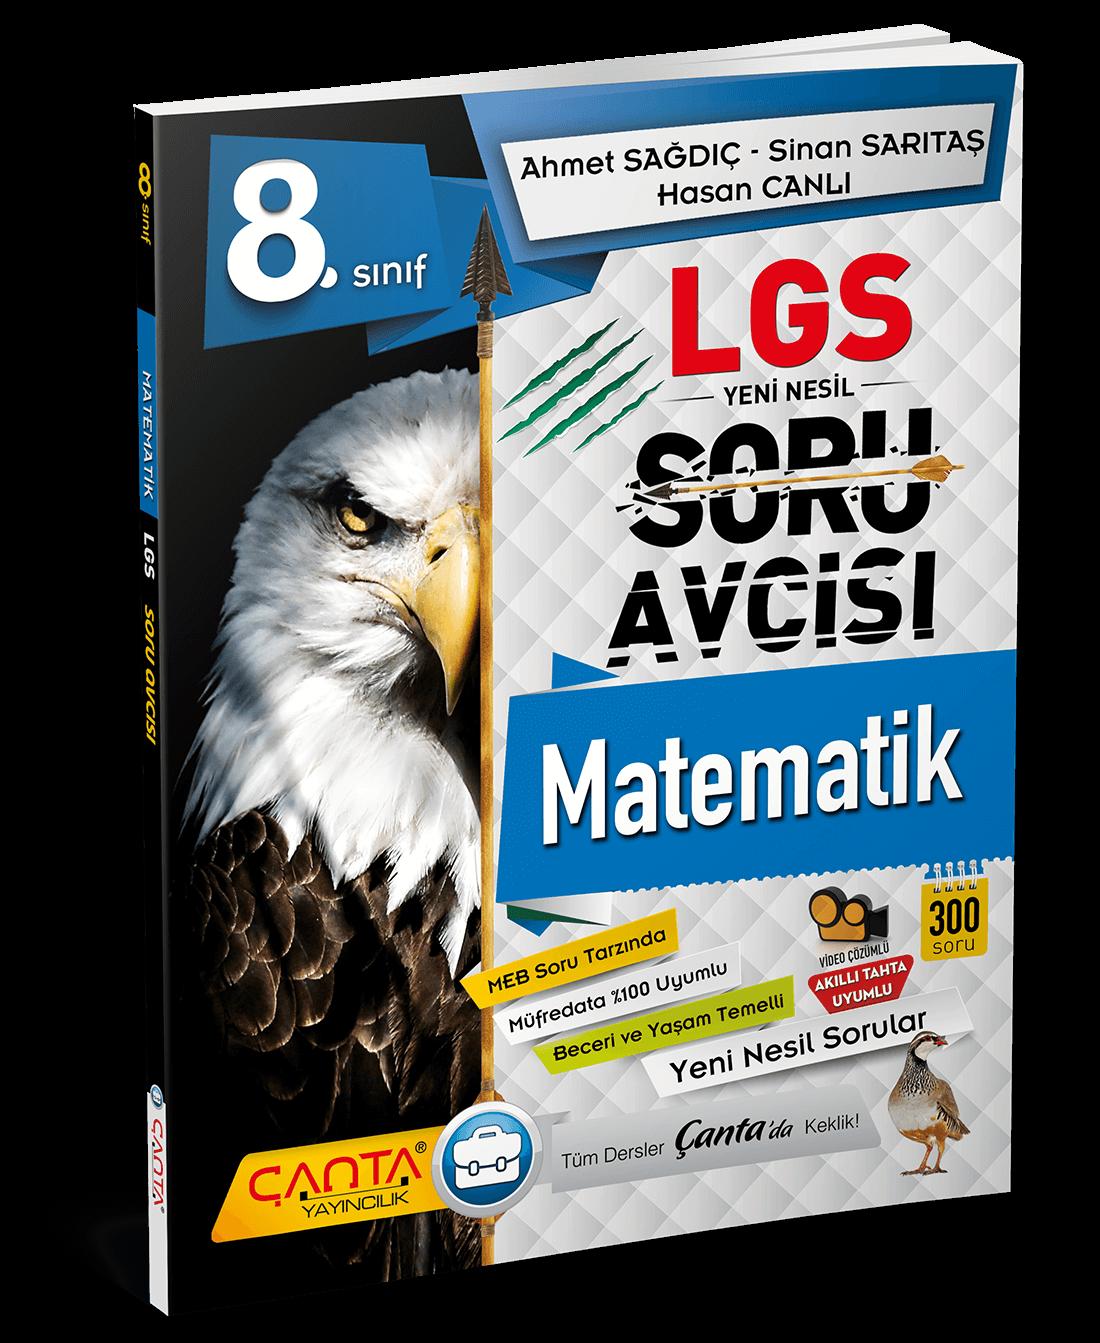 8. Sınıf – Matematik LGS Soru Avcısı